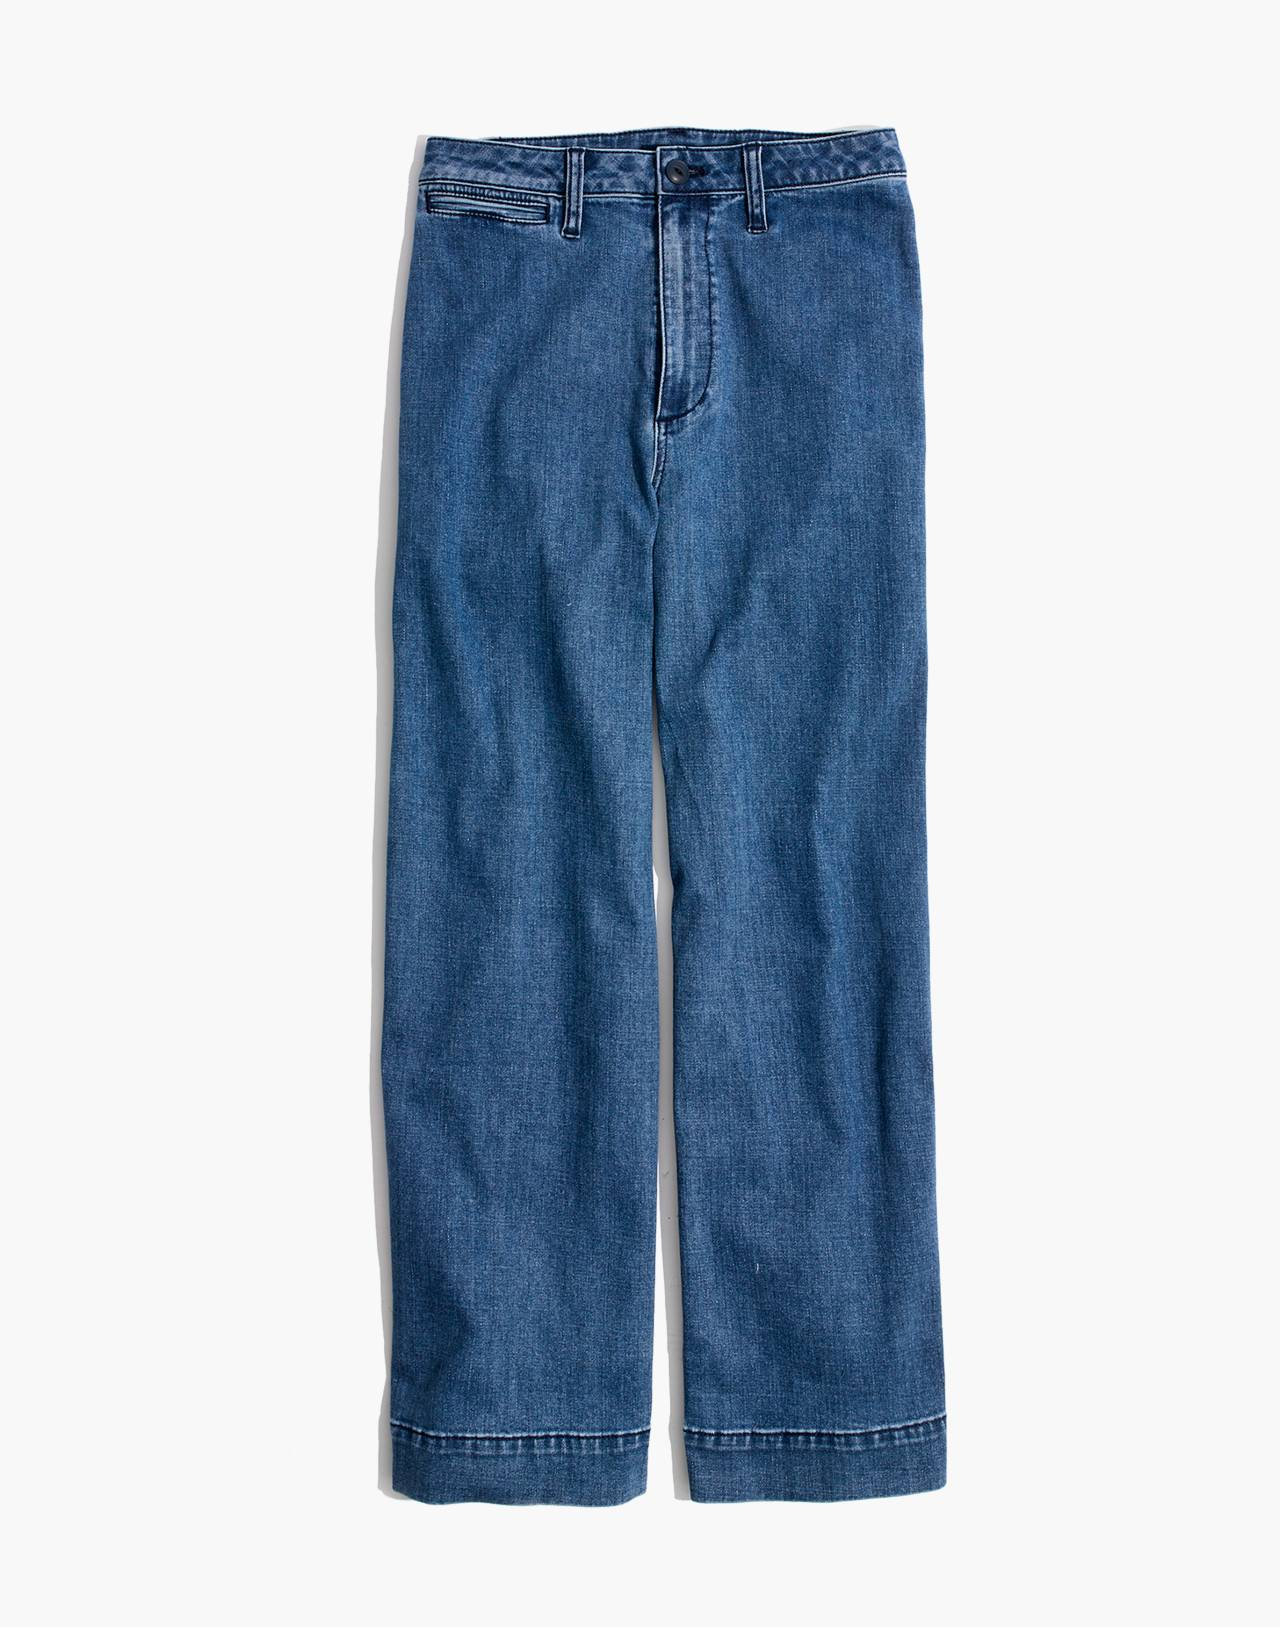 Tall Emmett Wide-Leg Crop Jeans in Rosalie Wash in rosalie wash image 4